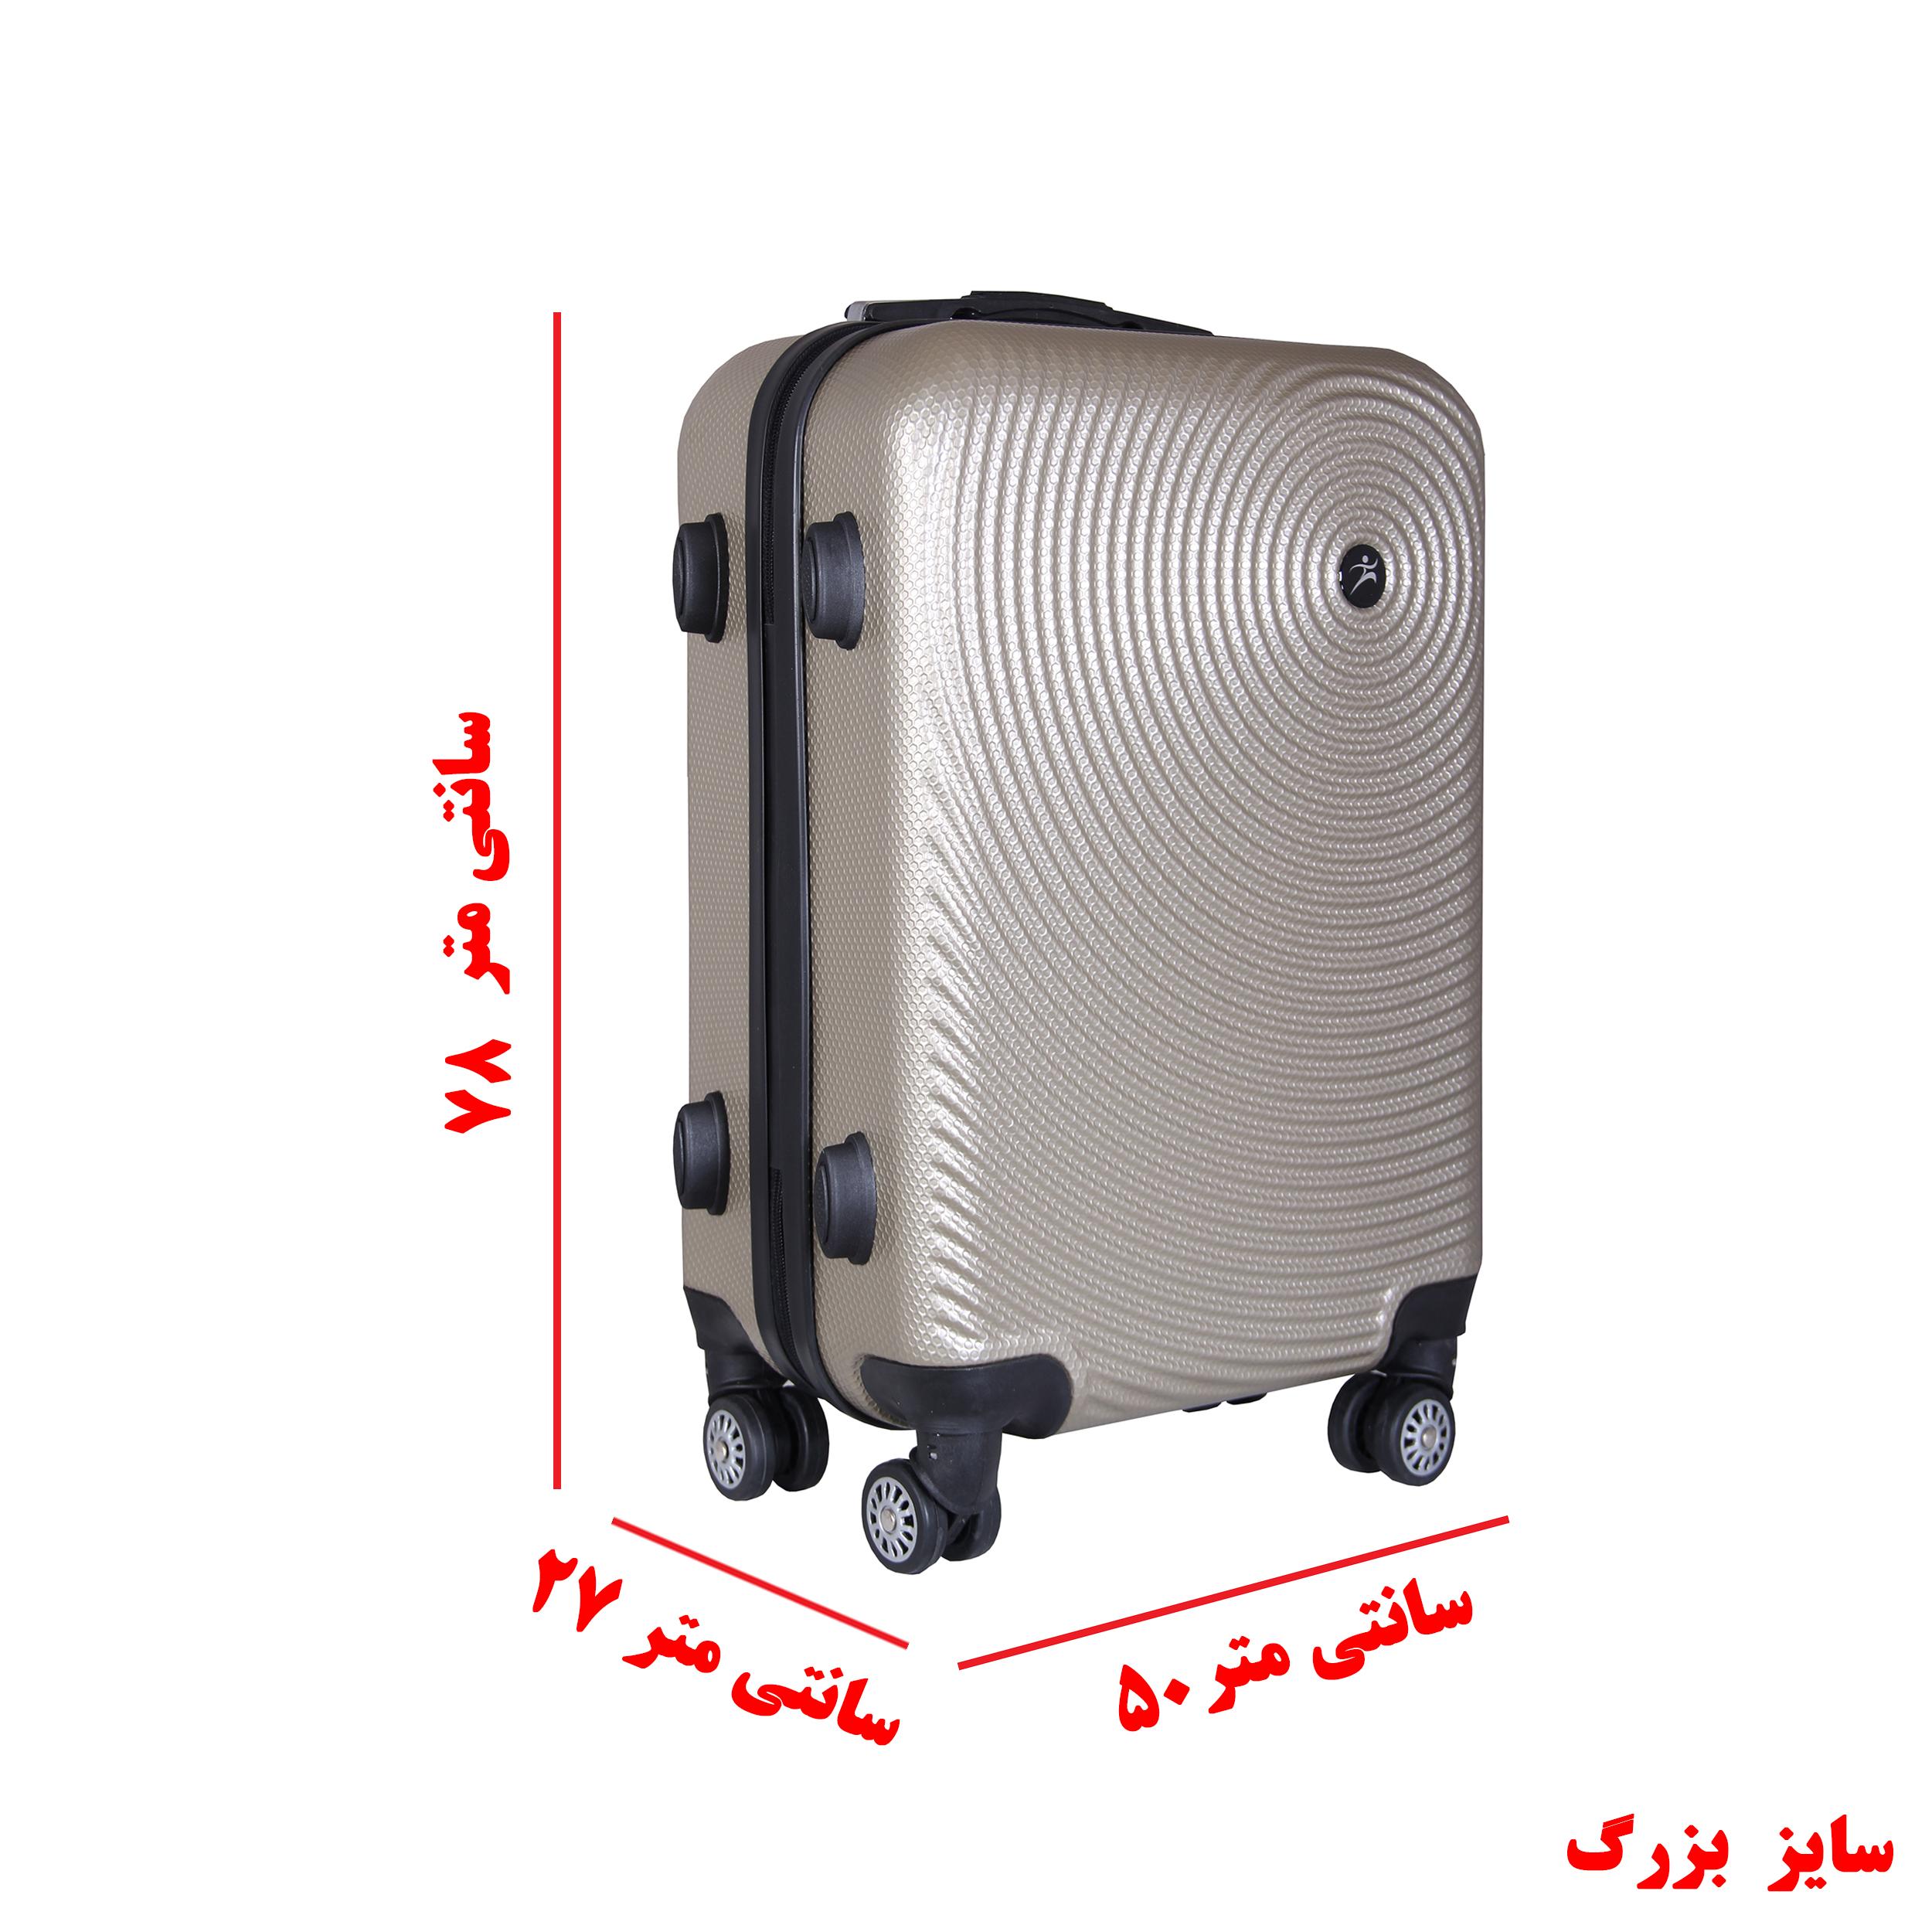 مجموعه چهار عددی چمدان اسپرت من مدل NS001 thumb 15